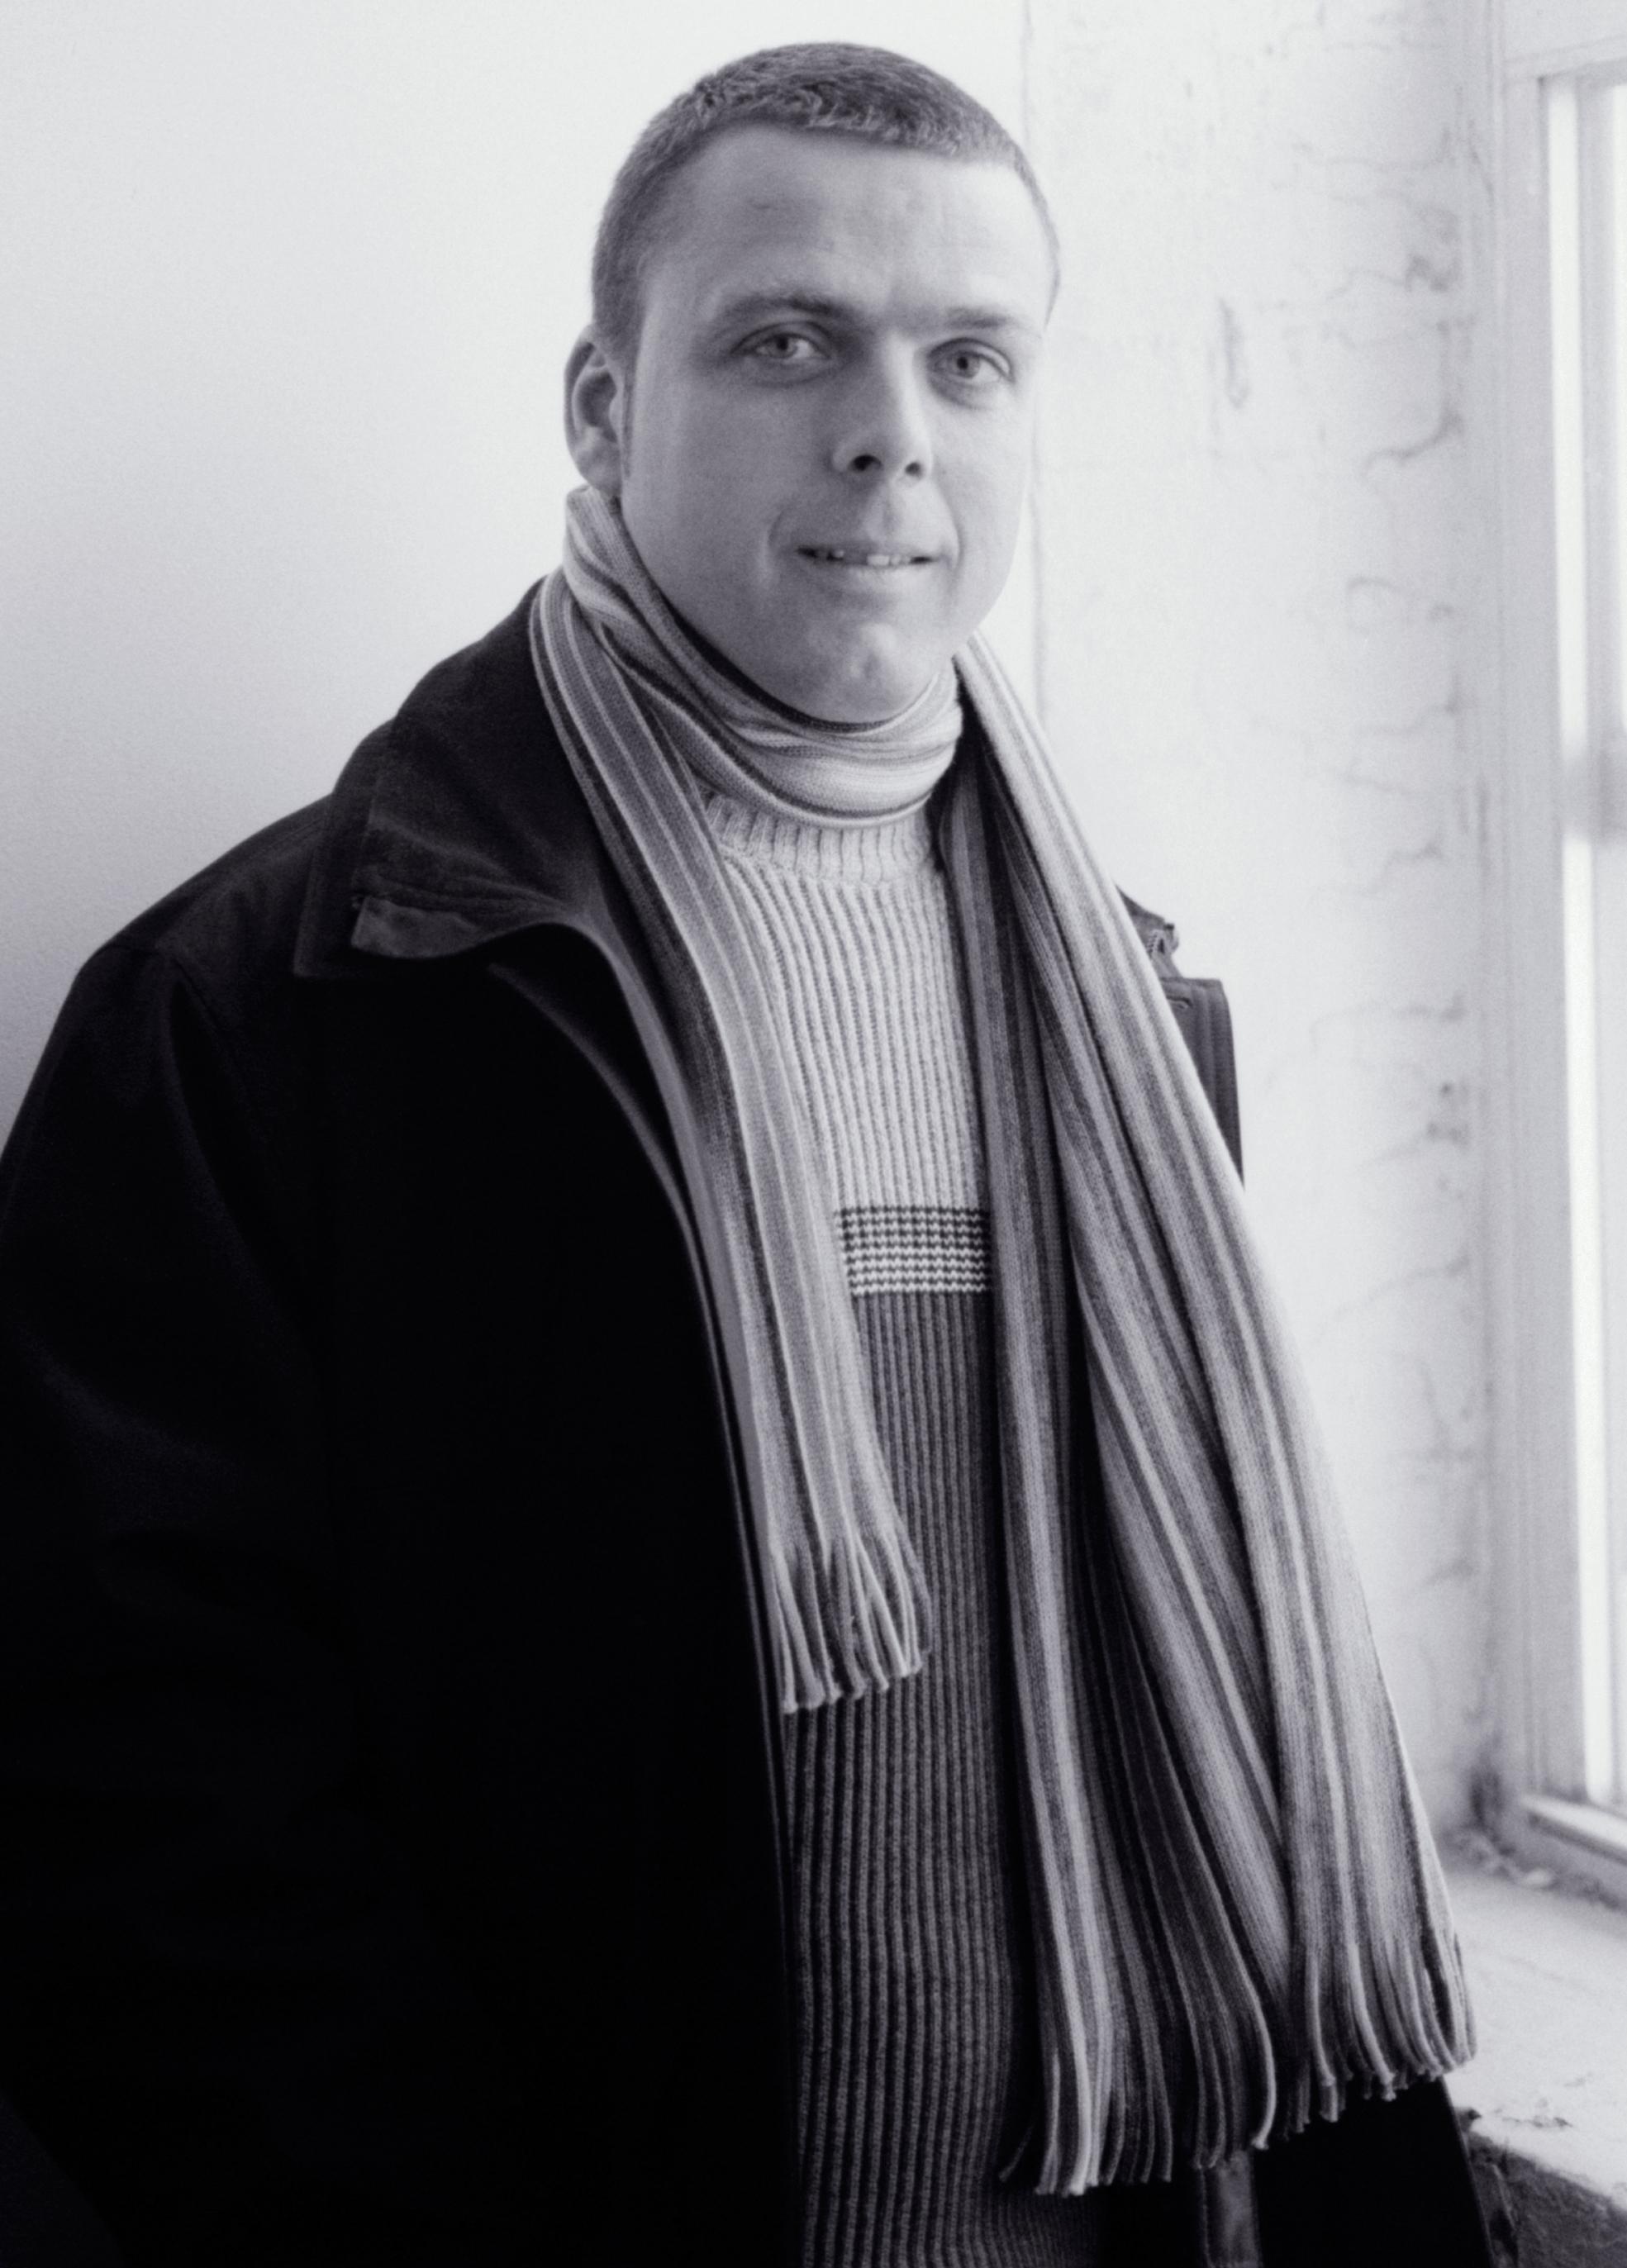 Stephane Taton